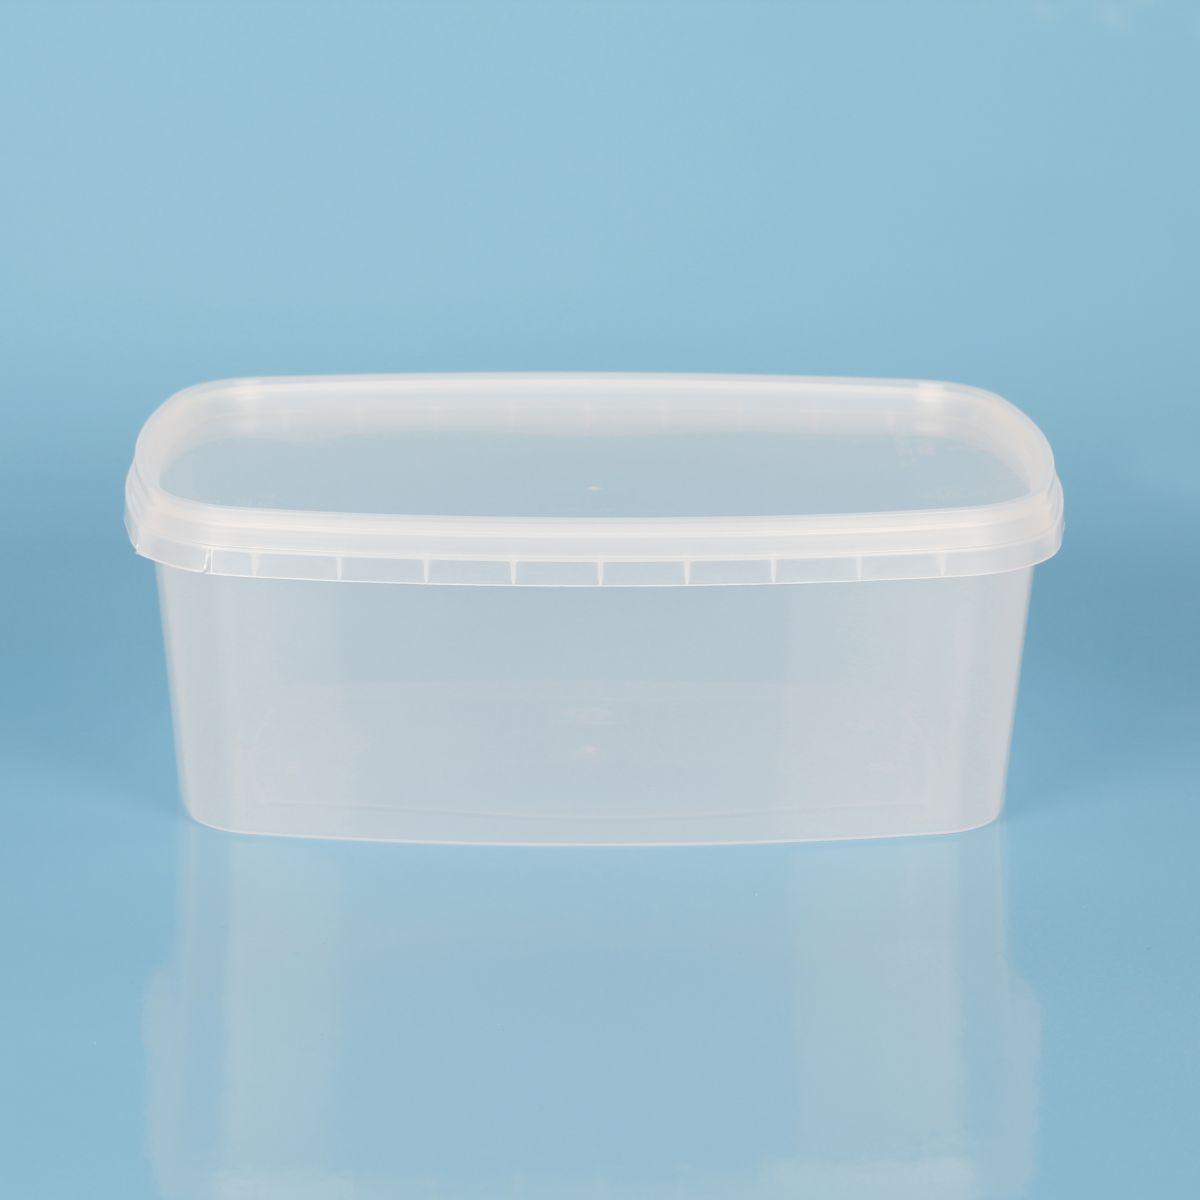 Vaschetta in plastica capienza 2 litri– Codice Resaplast 005012